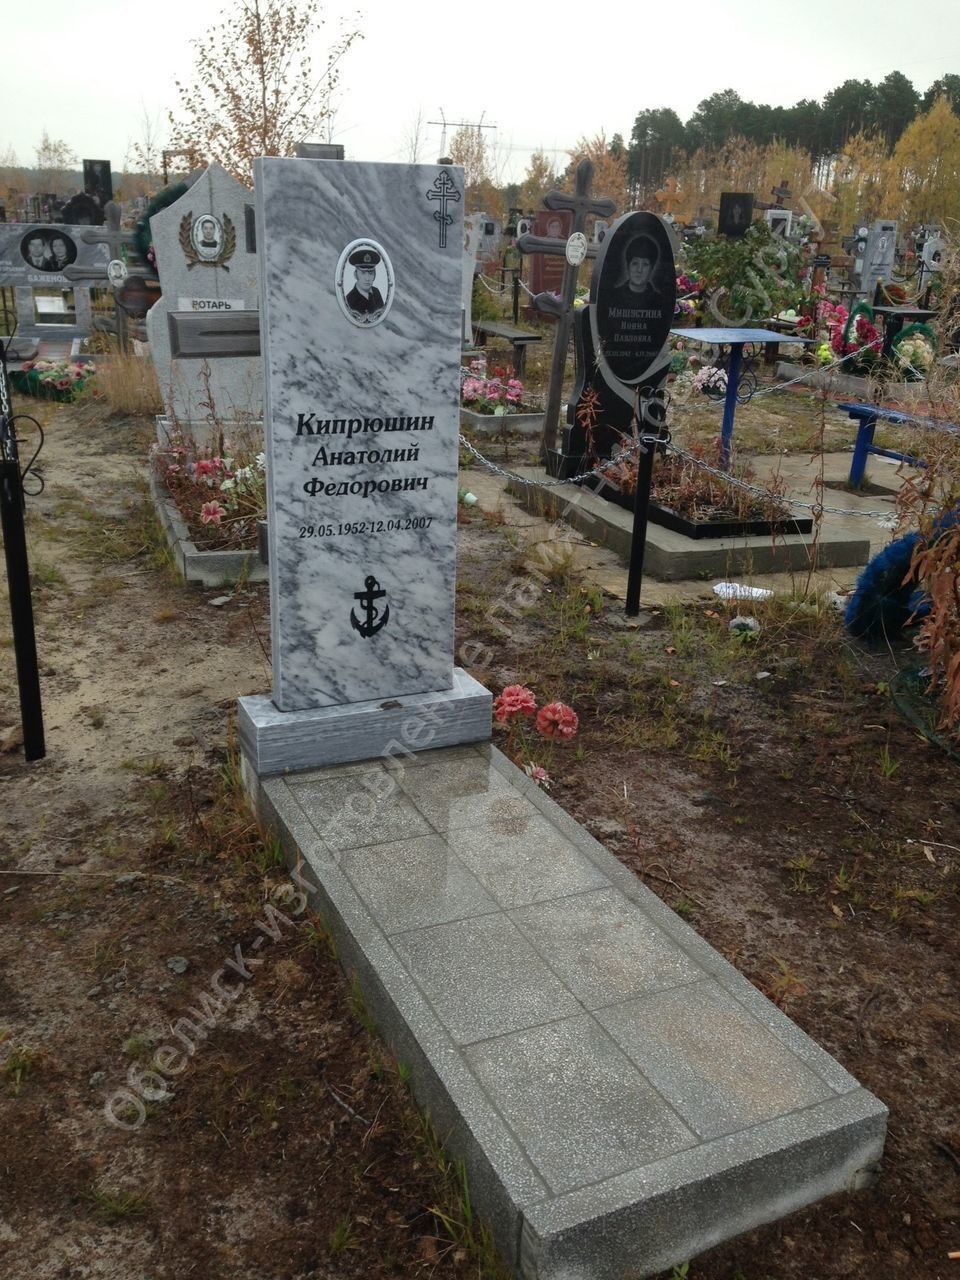 Памятники на кладбище цены сургут телефоны надгробная плита цены фотошоп